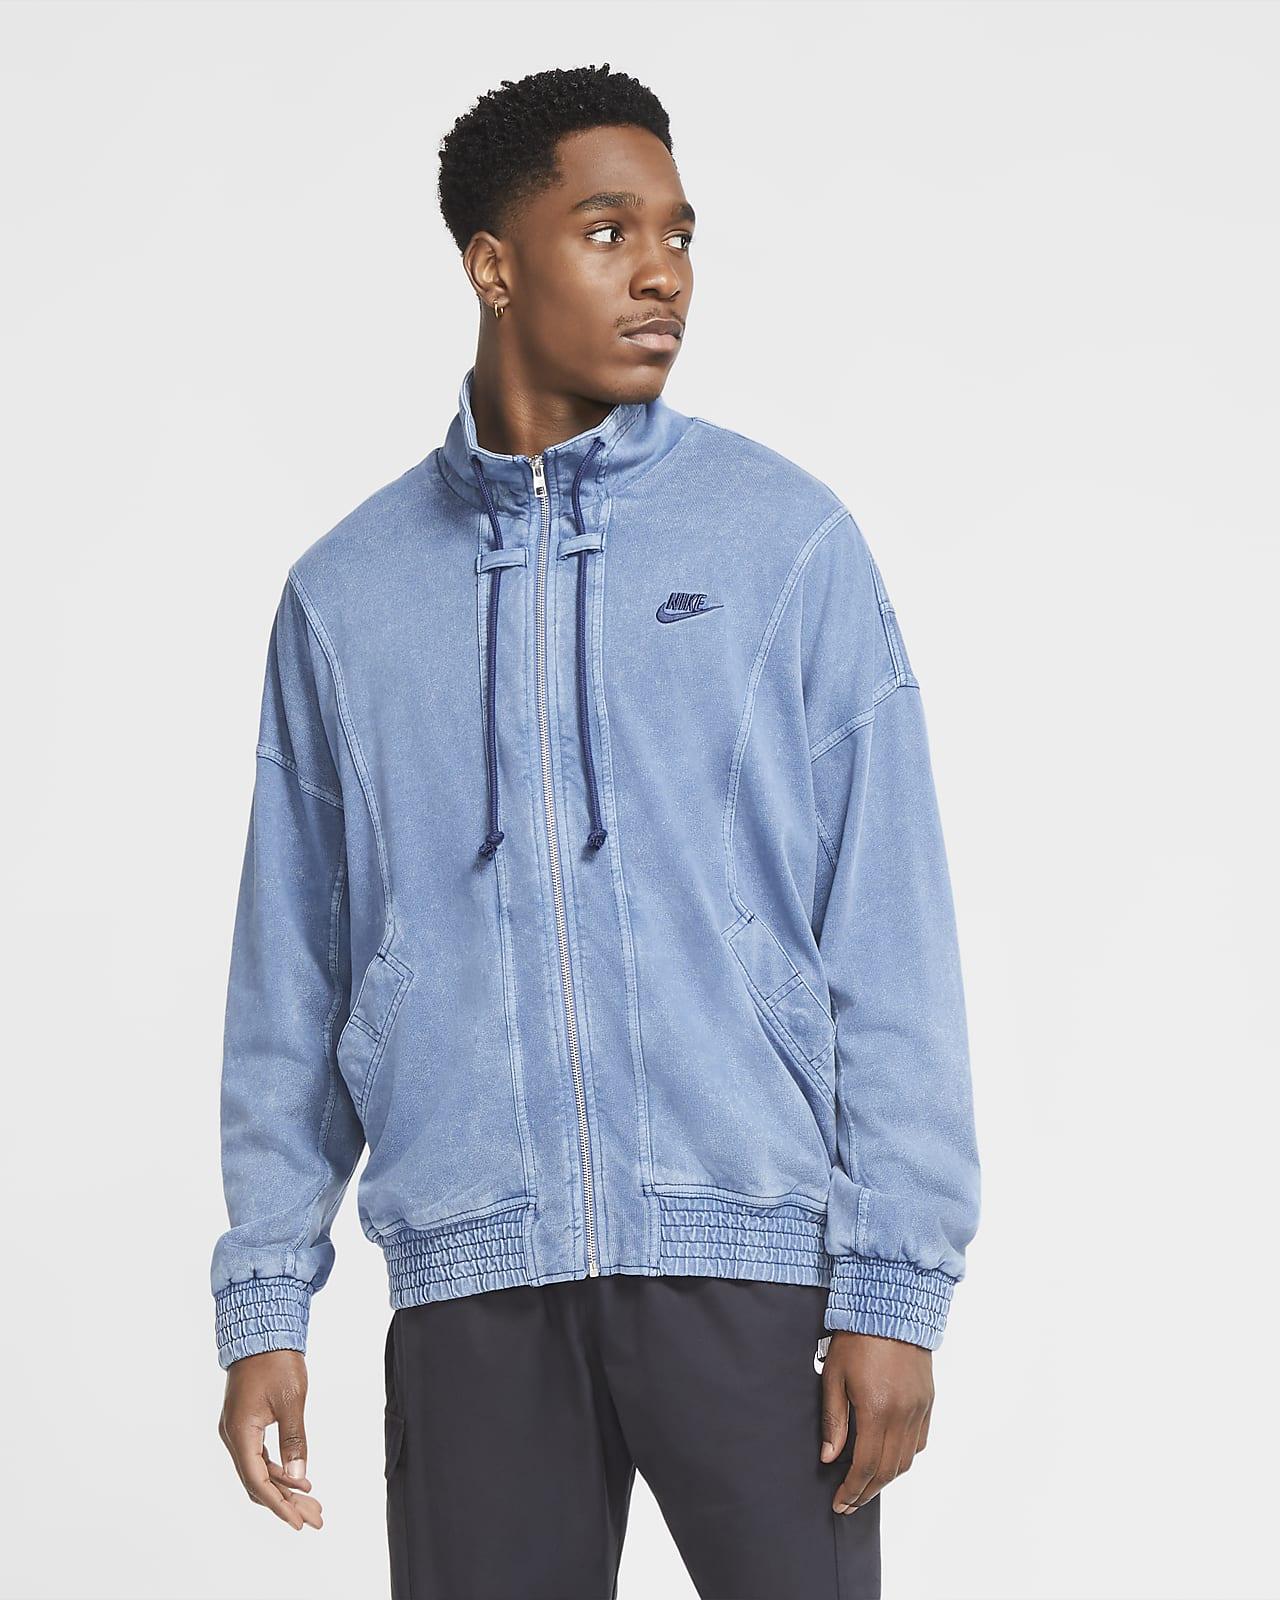 Nike Sportswear 男子针织水洗夹克